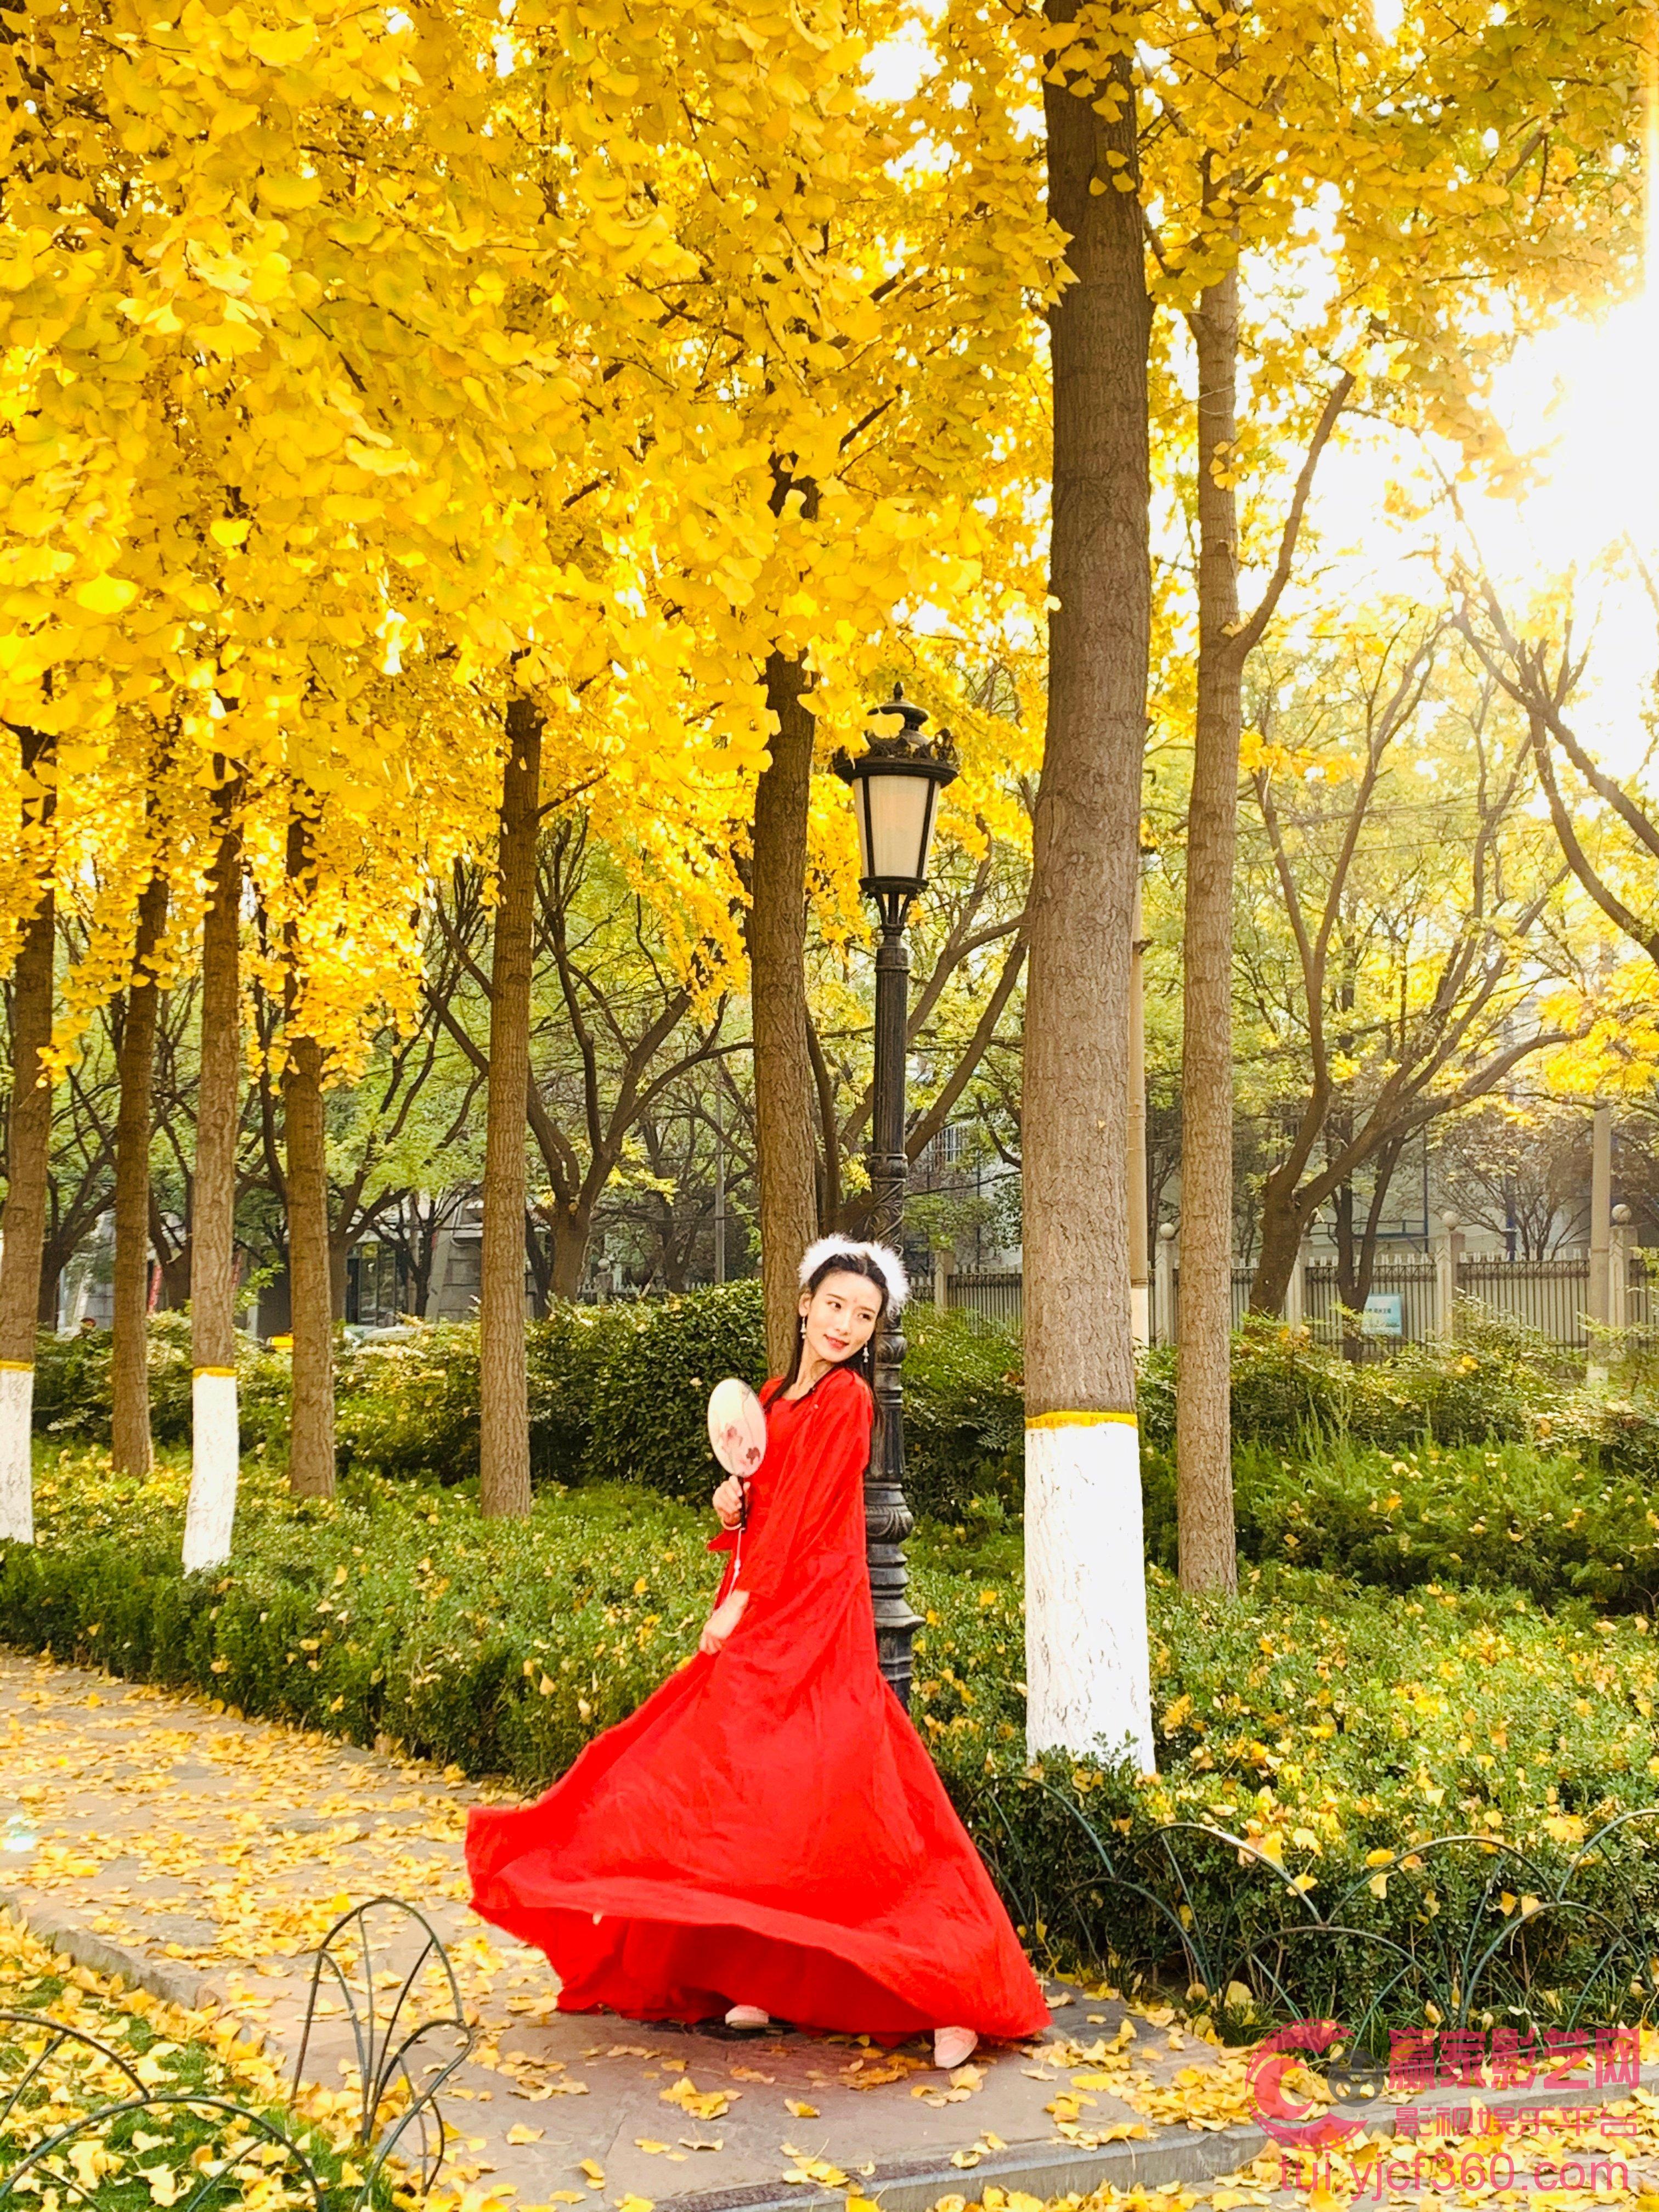 仝爱爱秋天的舞姿